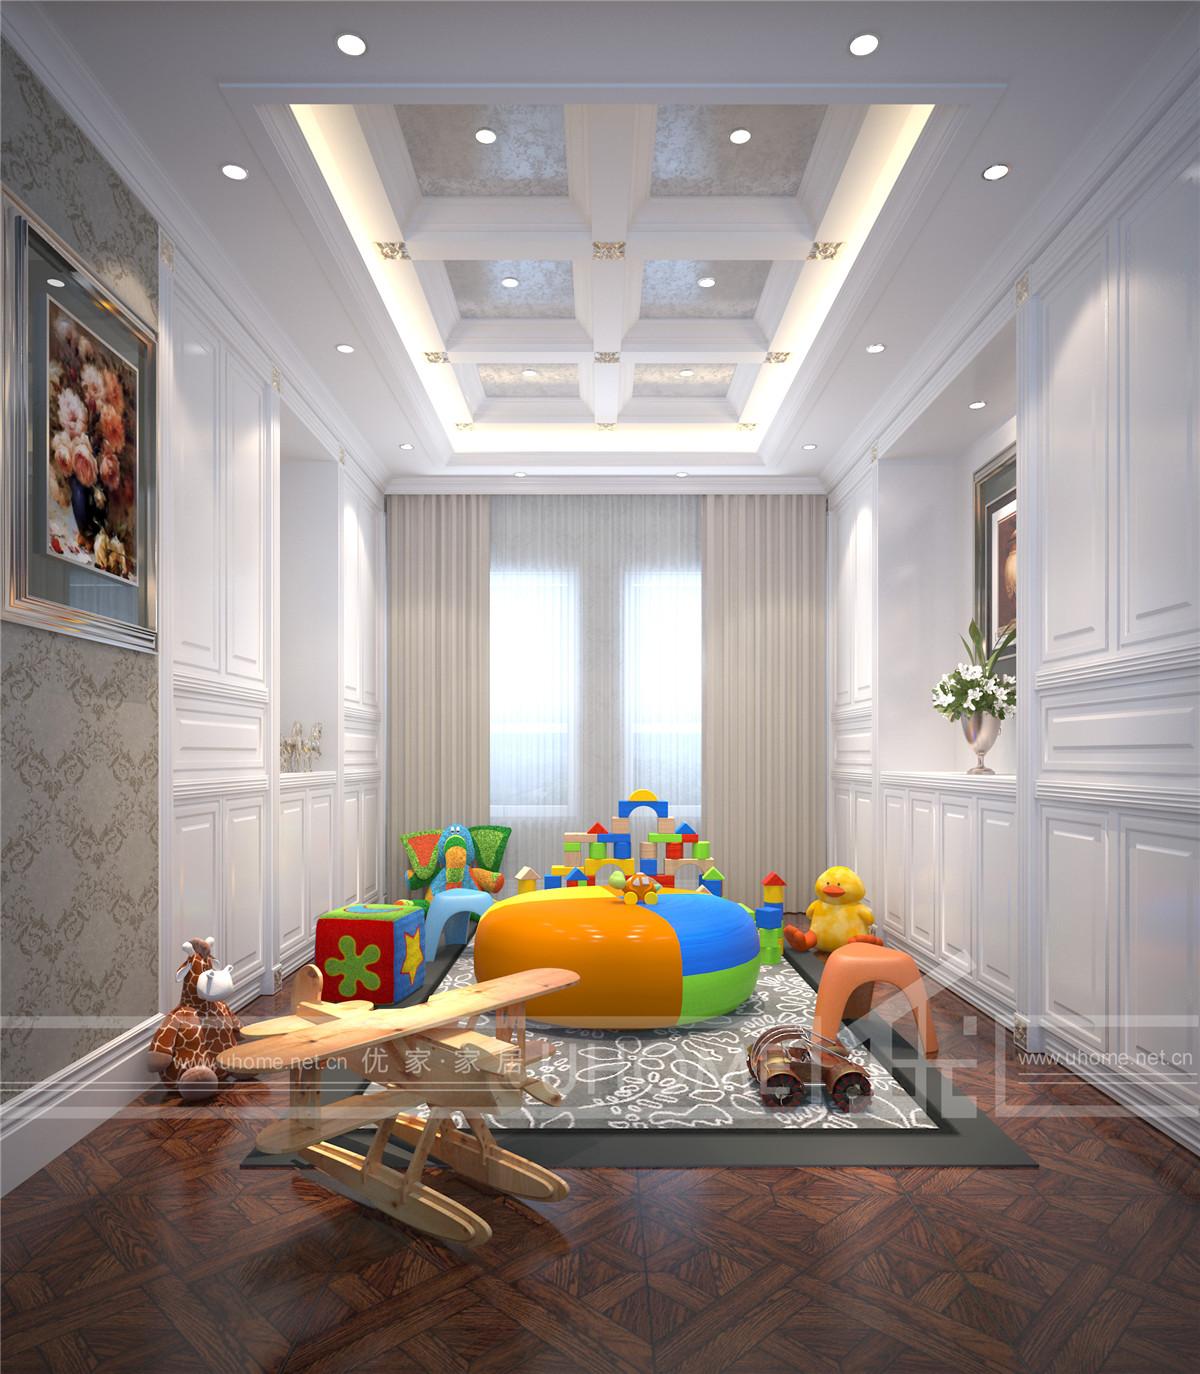 欧式 别墅装修 别墅设计 西郊半岛 奥邦装饰 儿童房图片来自上海奥邦装饰在西郊半岛别墅现代简约欧式风格的分享